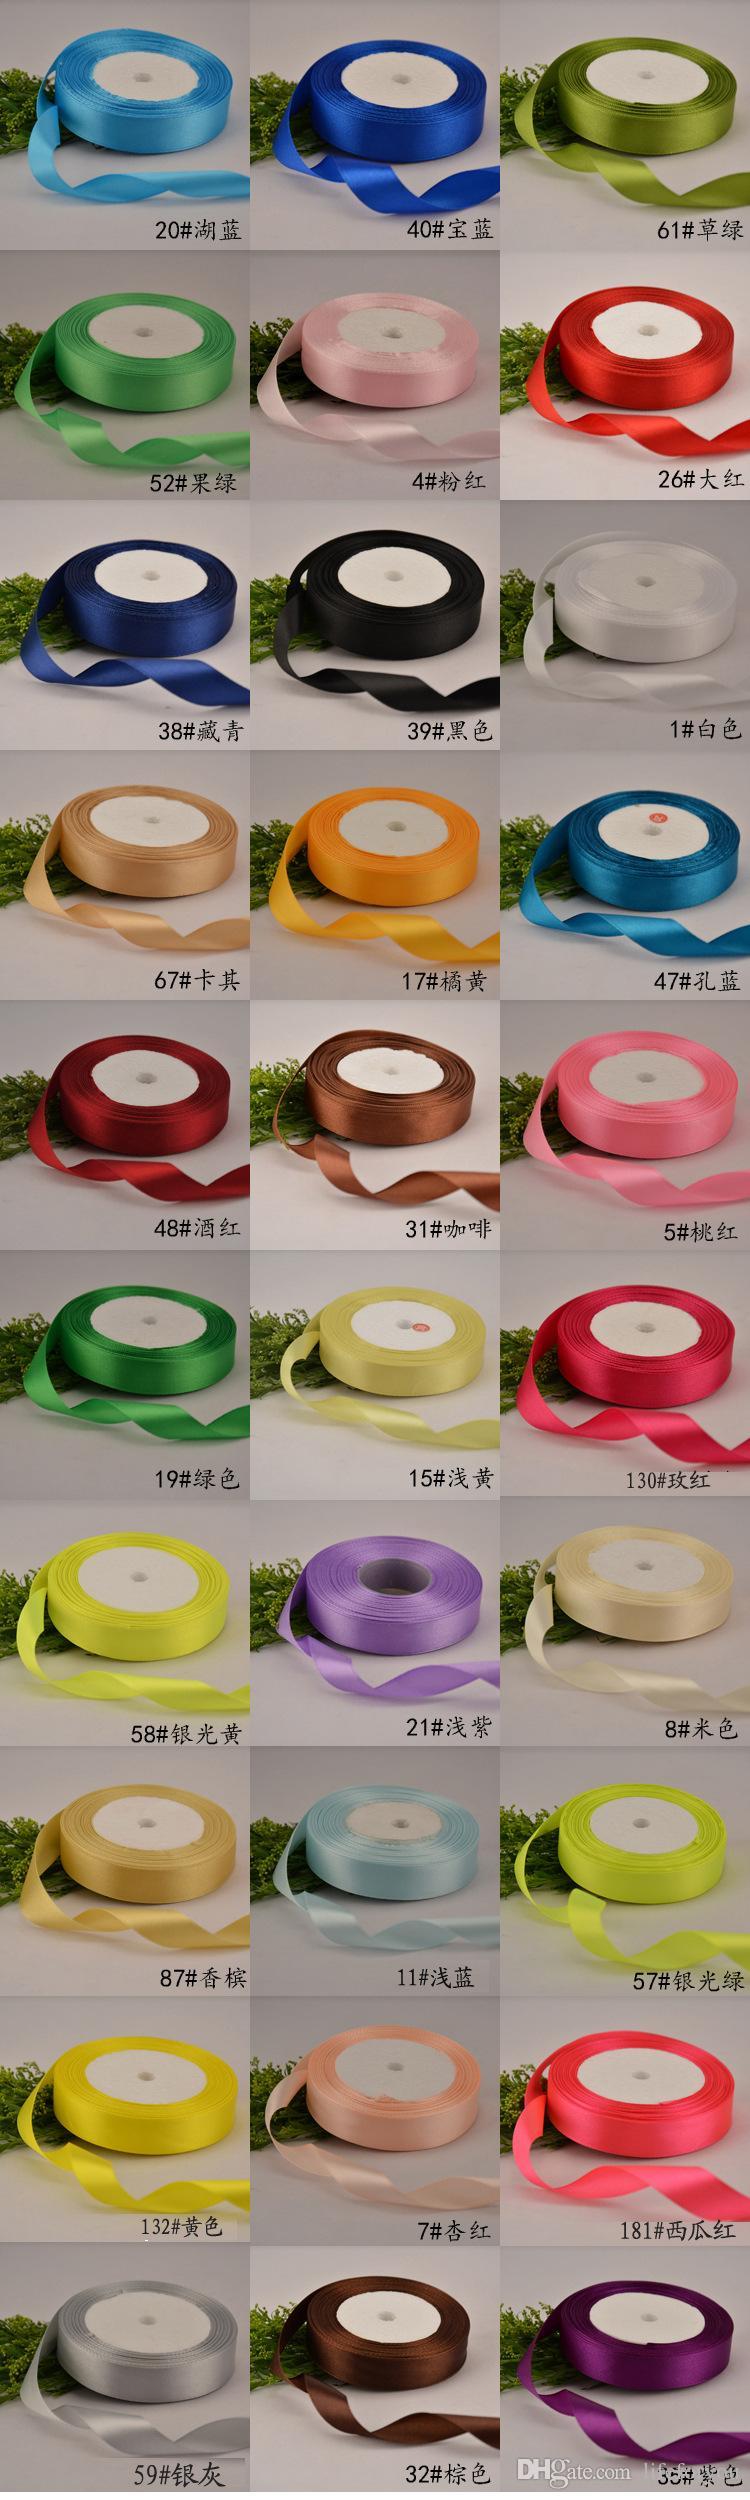 Düğün süslemeleri centerpieces düğün malzemeleri doğum günü partisi düğün aksesuarları hediye paketleme için saten kurdele yay yanadır 1.5 cm * 25Y